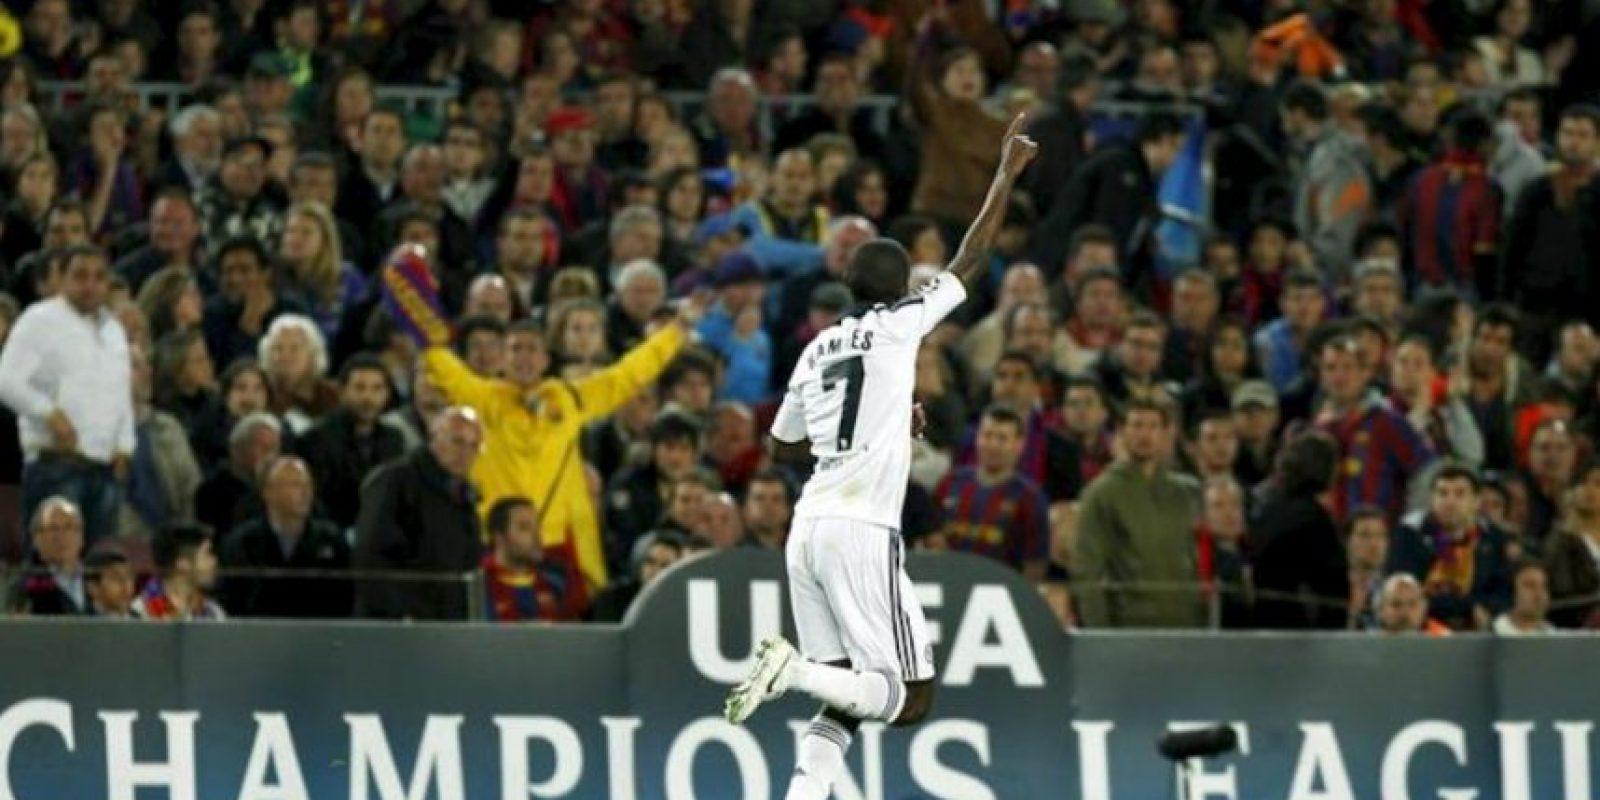 El jugador del Chelsea Ramires celebra el primer gol de su equipo al Barcelona durante el encuentro correspondiente a la vuelta de las semifinales de la Liga de Campeones que disputaron ambos clubes en el Camp Nou. EFE